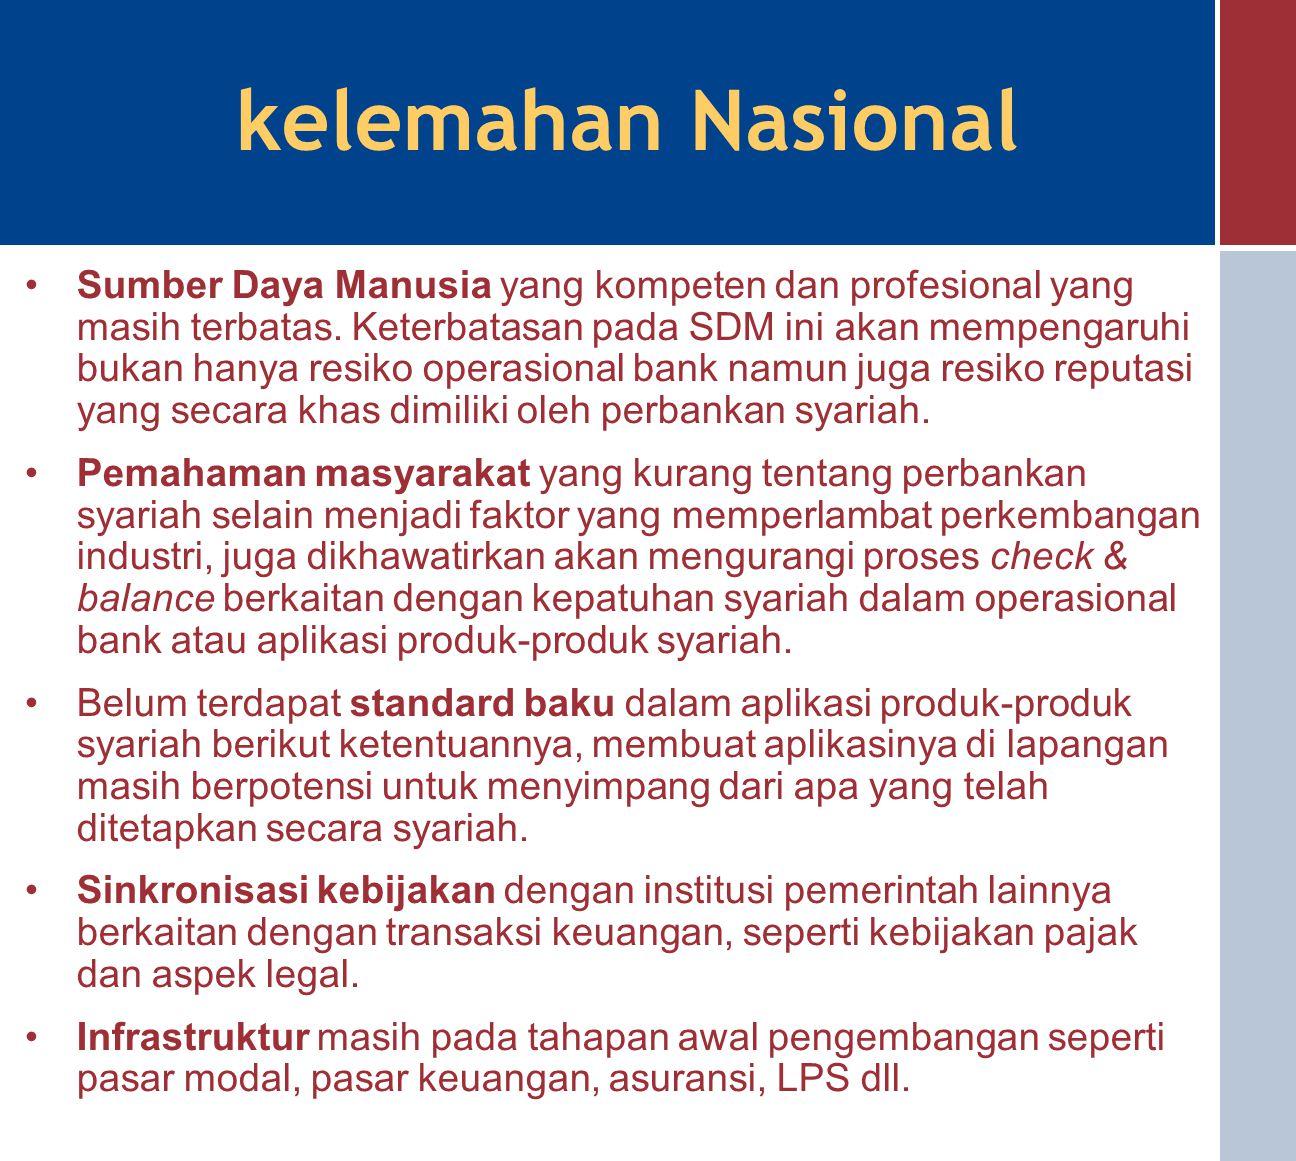 kelemahan Nasional